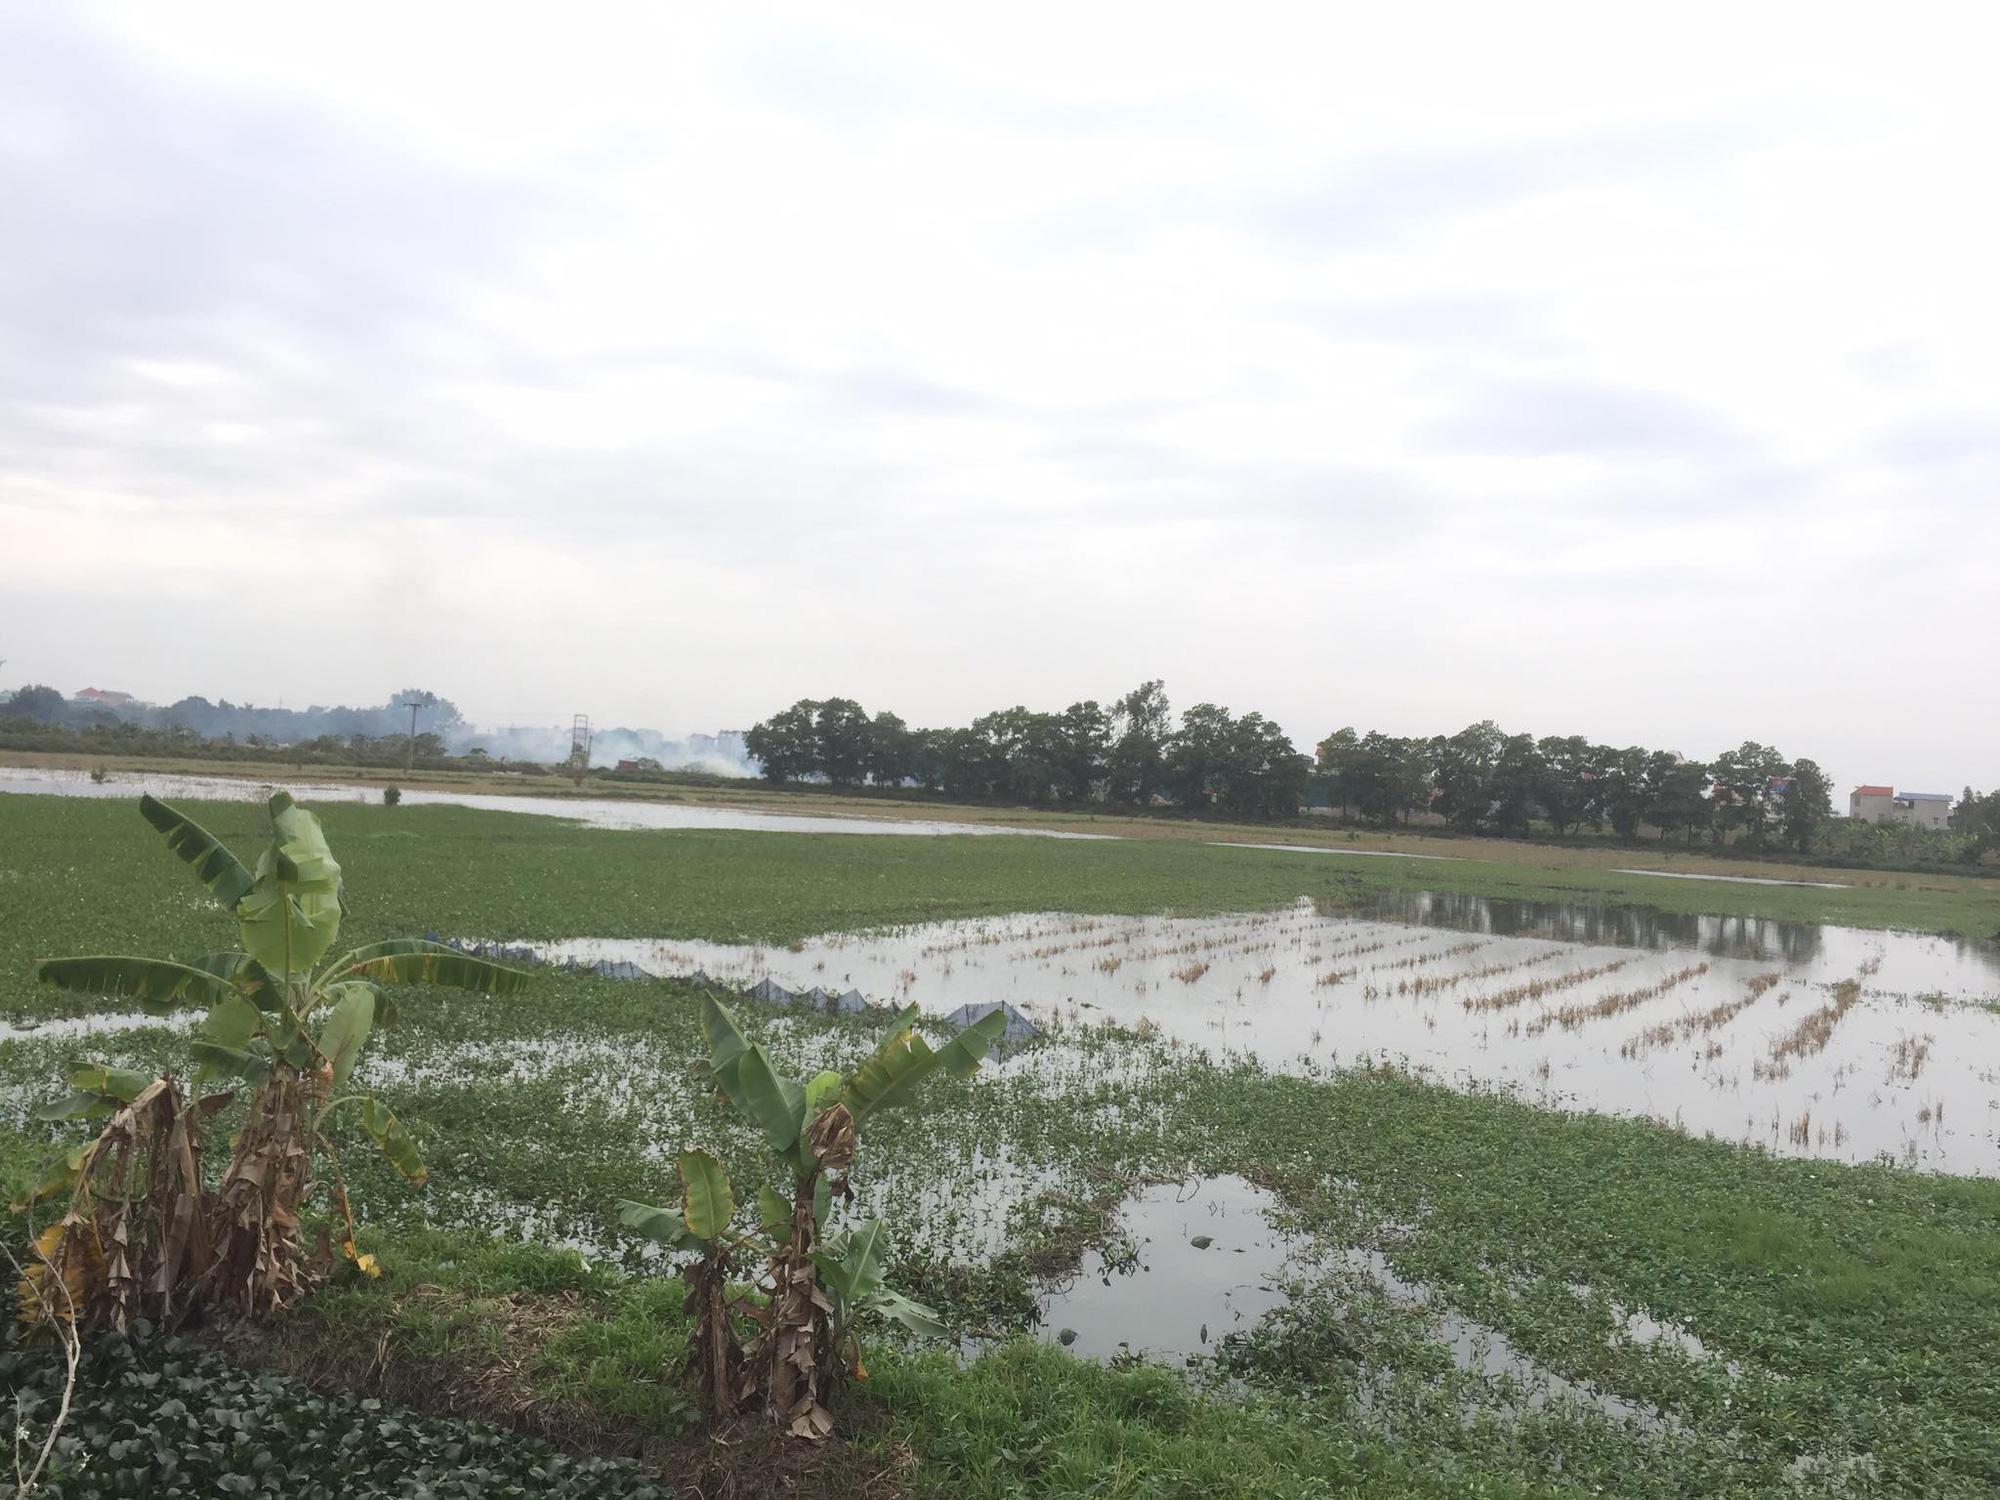 Bất cập trong việc Hà Nội điều chỉnh đối tượng giao đất tại dự án Thanh Hà - Ảnh 4.